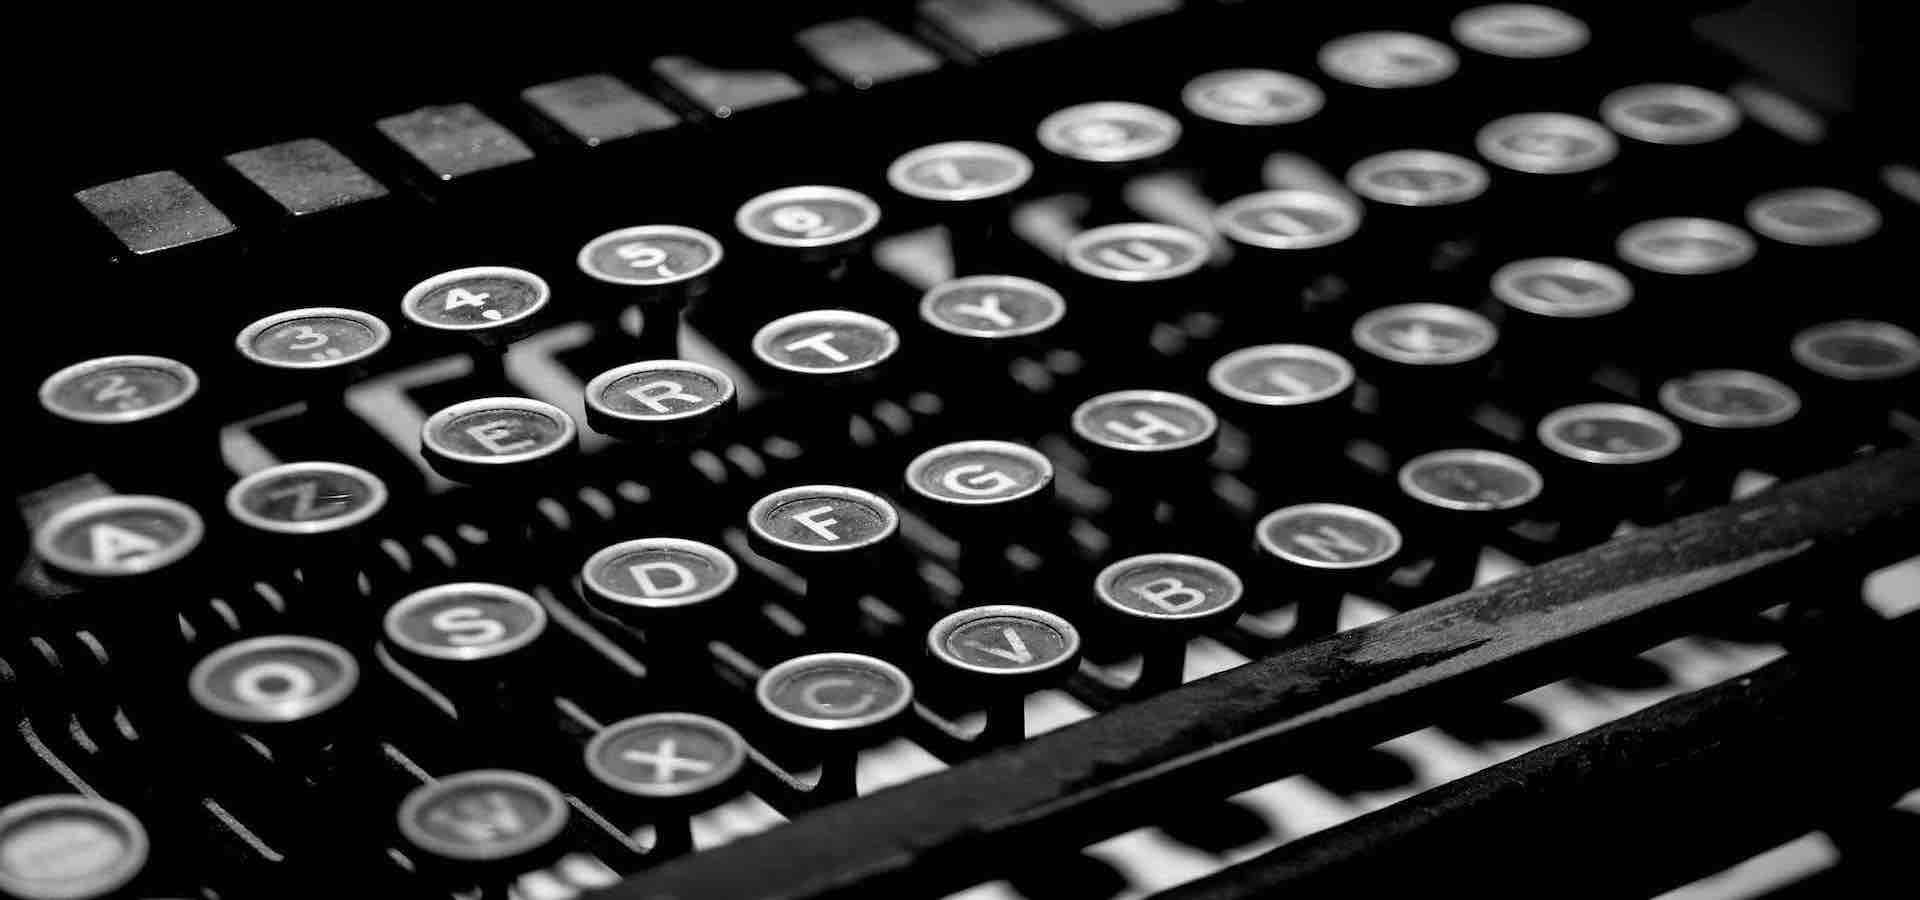 Tasti di una macchina da scrivere in bianco e nero